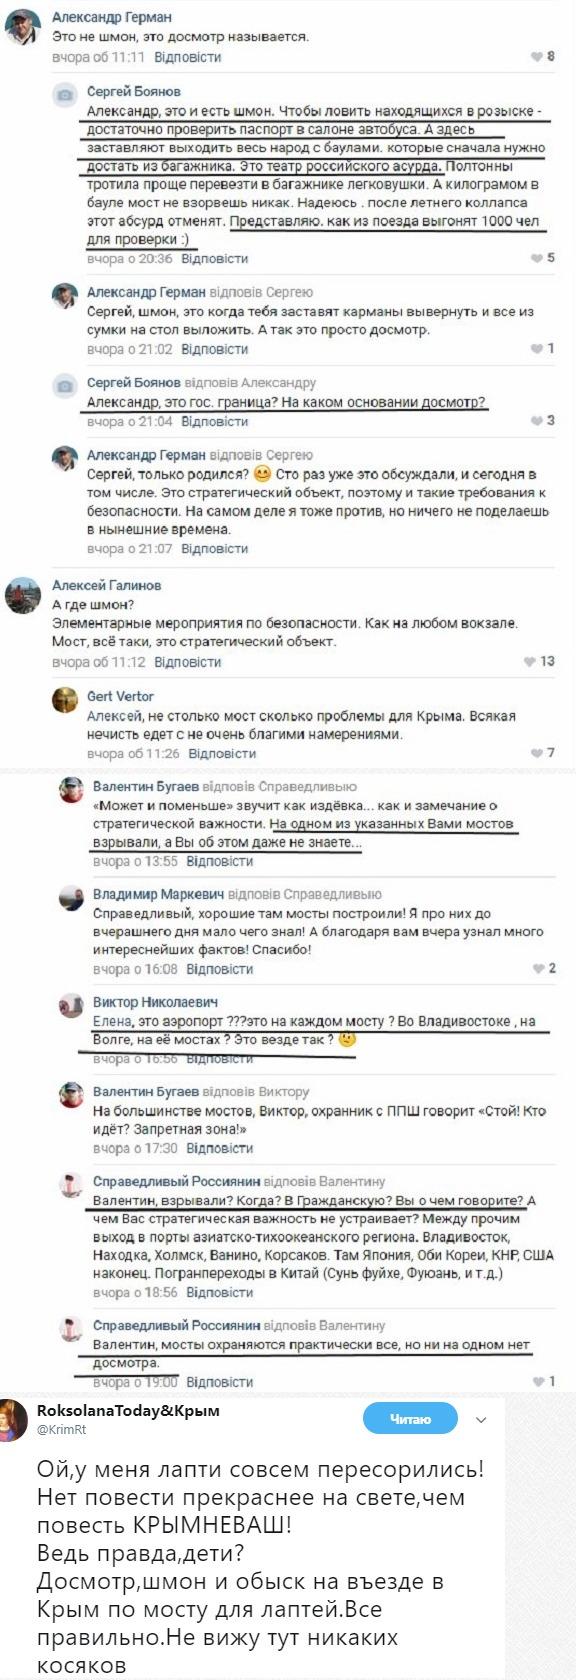 Оккупанты закатили истерику из-за проверок на Крымском мосту